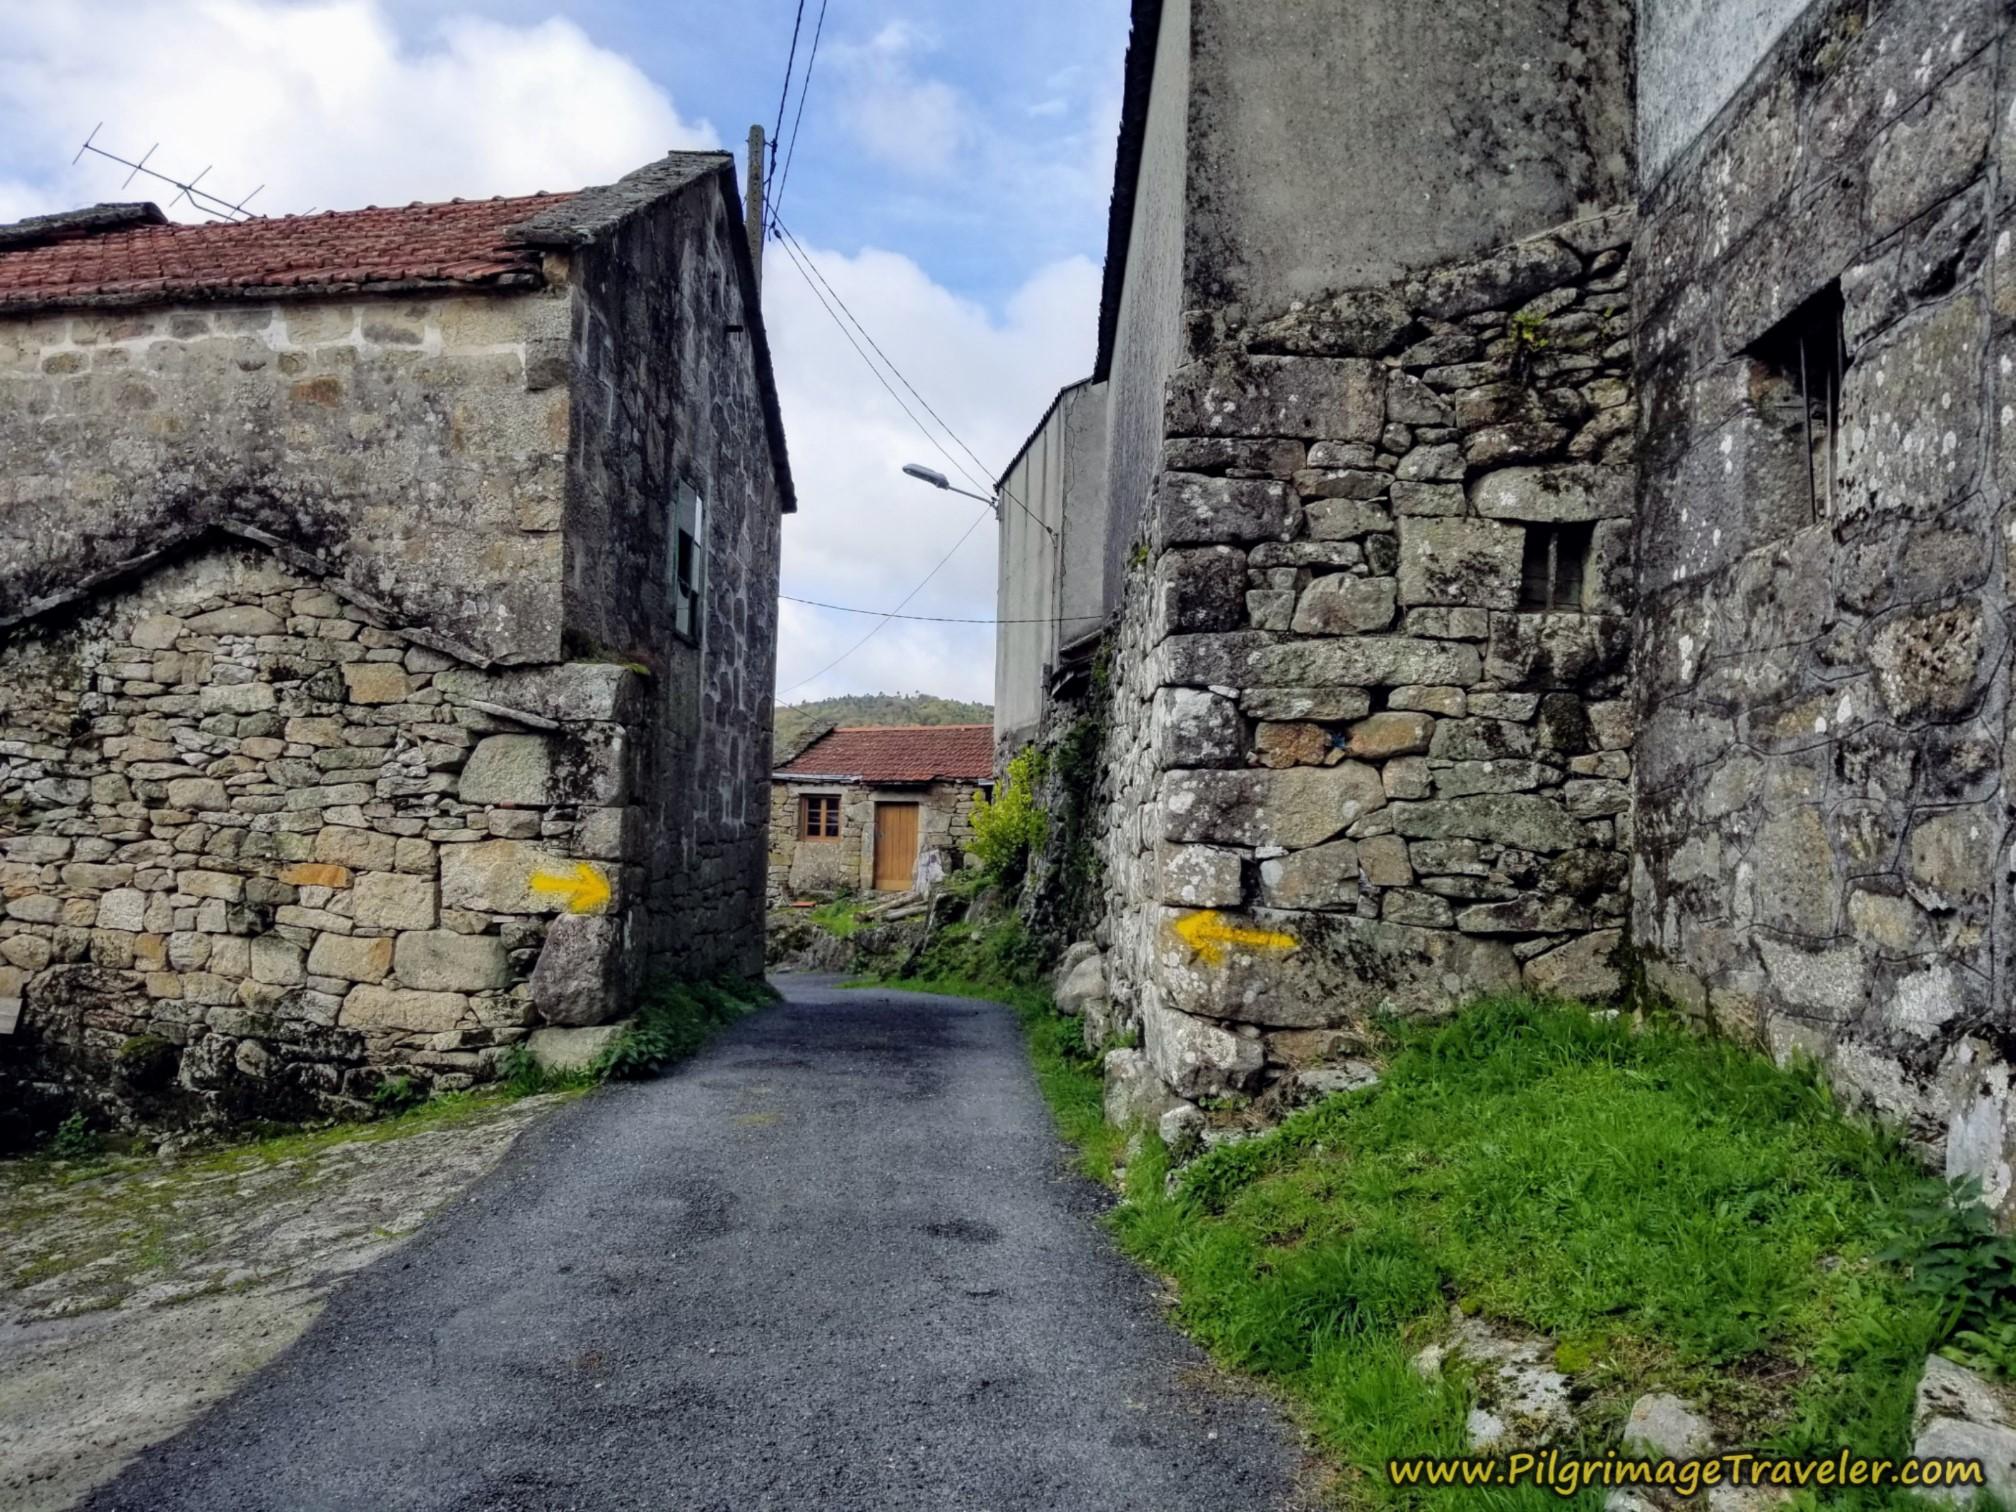 The Narrow Road Through Carballediña